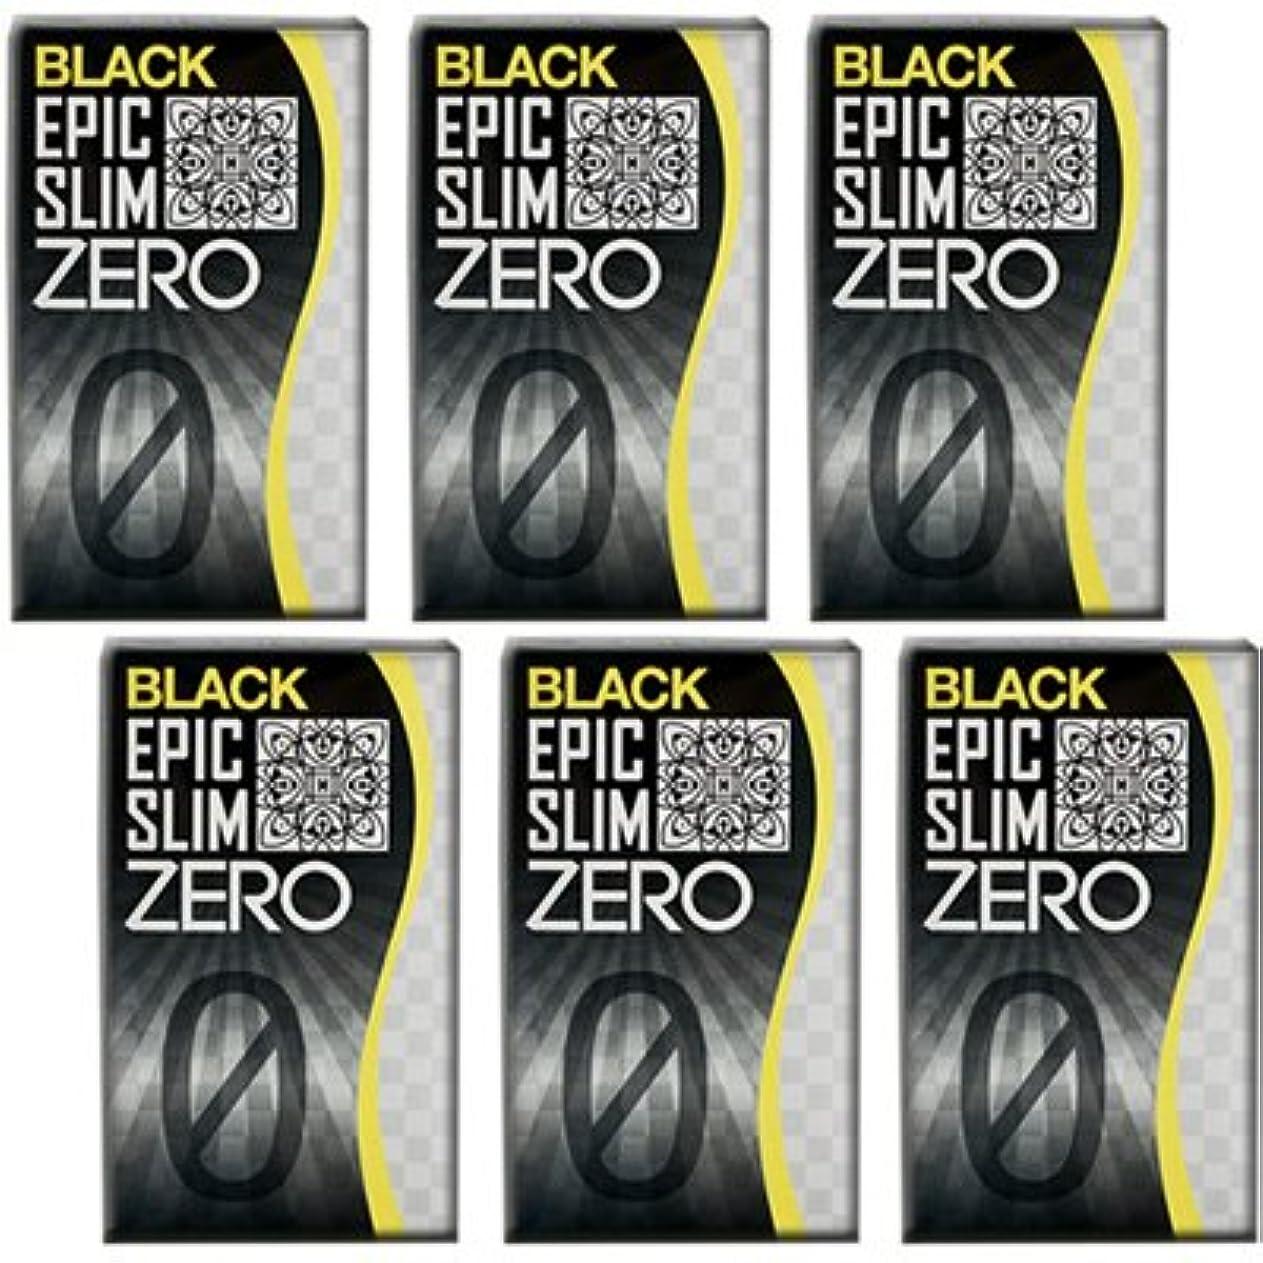 酸度繕う枯渇するブラック エピックスリム ゼロ ブラック 6個セット!  Epic Slim ZERO BLACK ×6個